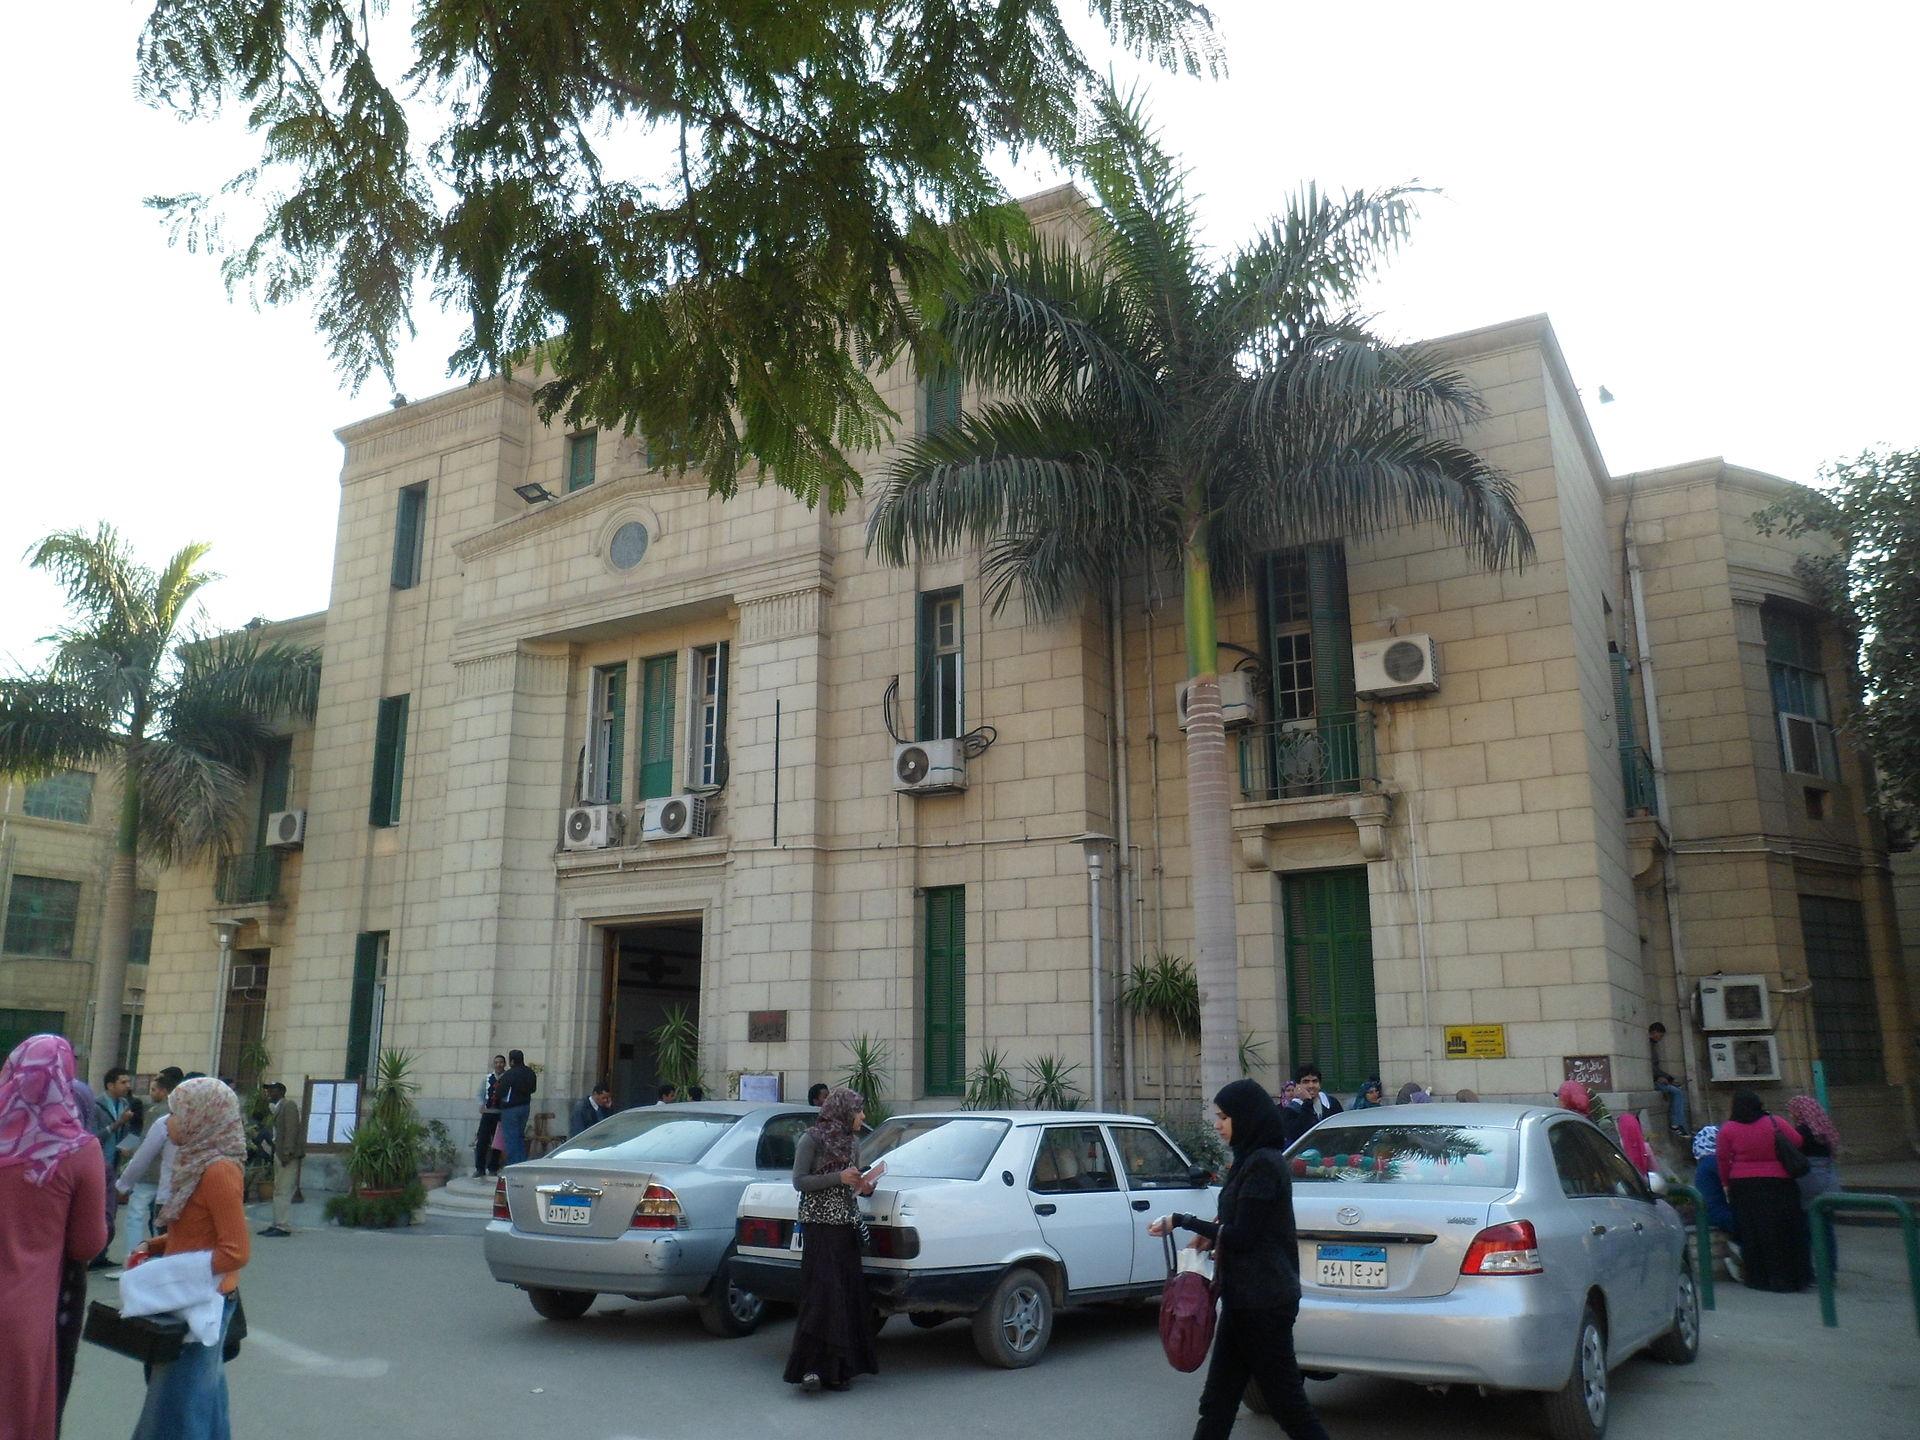 كلية العلوم (جامعة القاهرة) - ويكيبيديا، الموسوعة الحرة